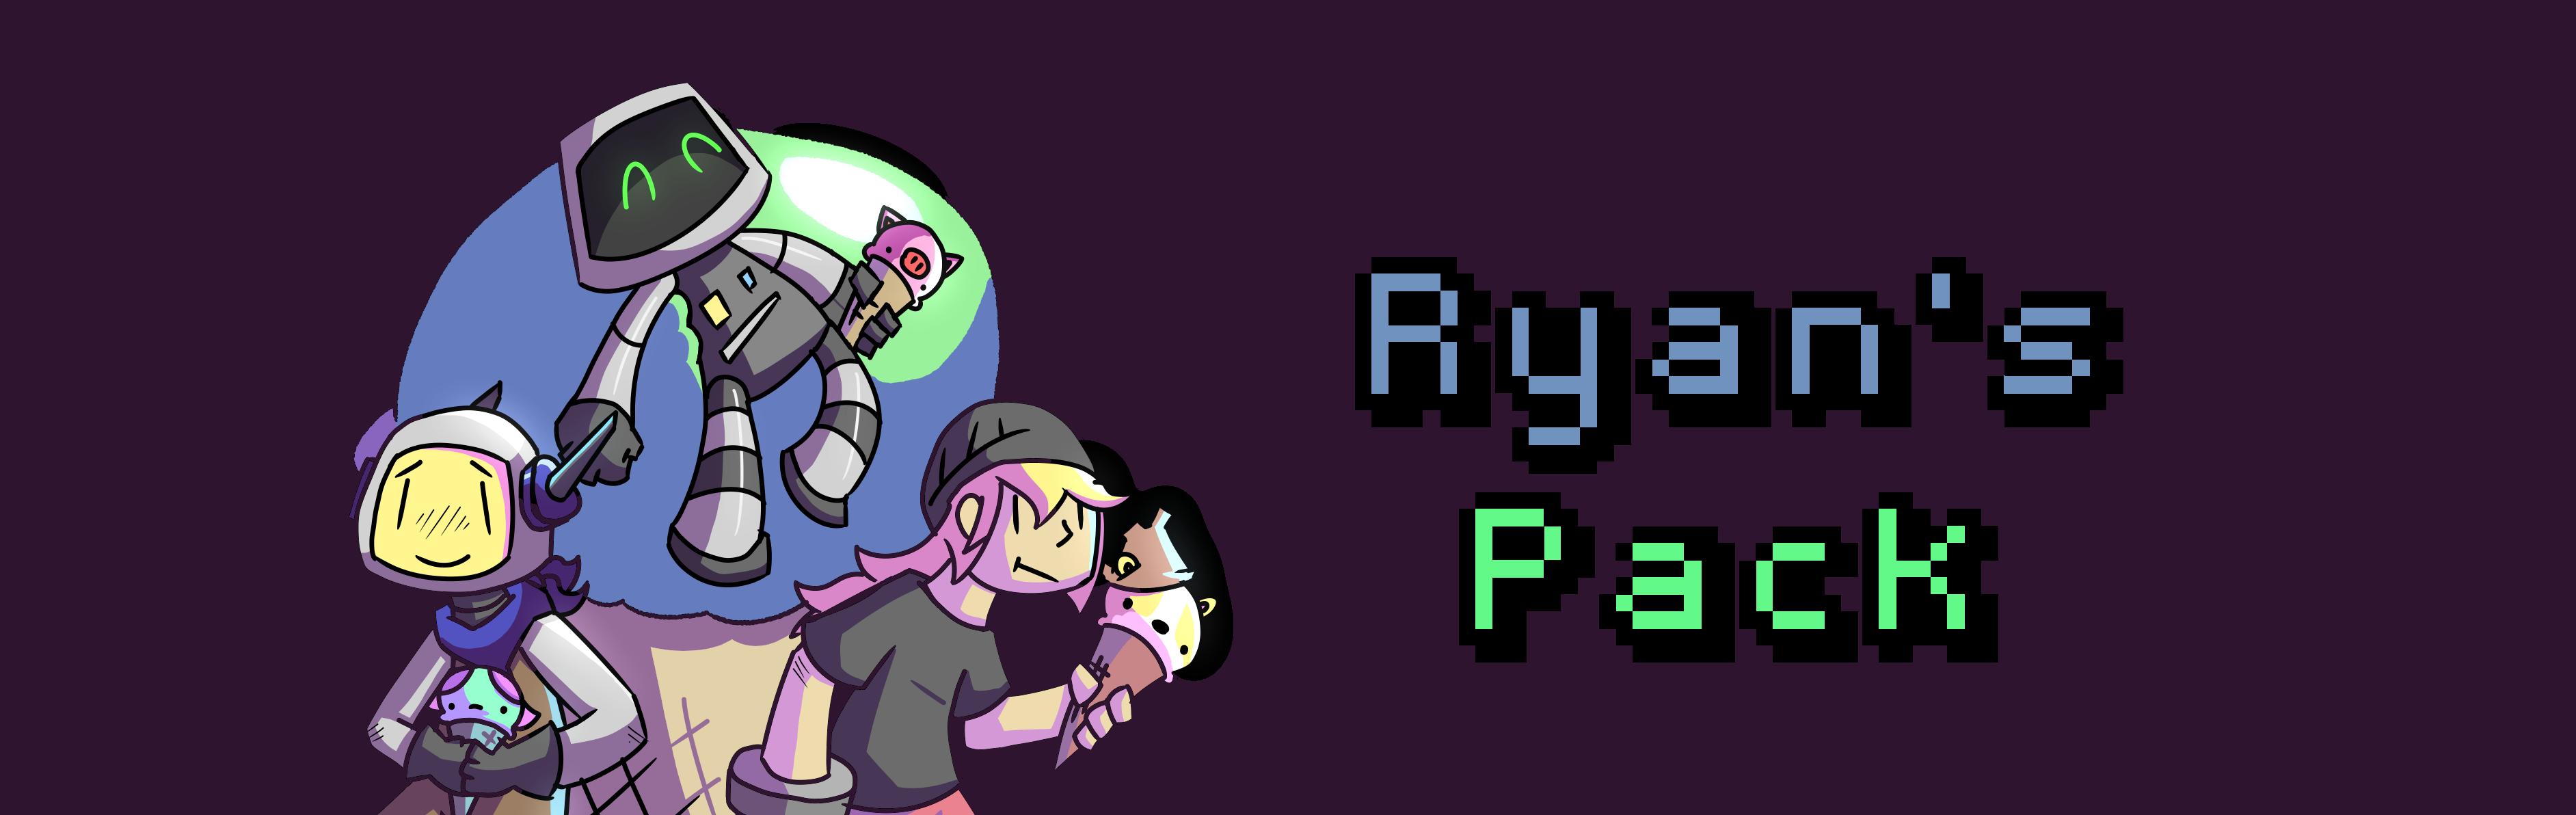 Ryan's Pack